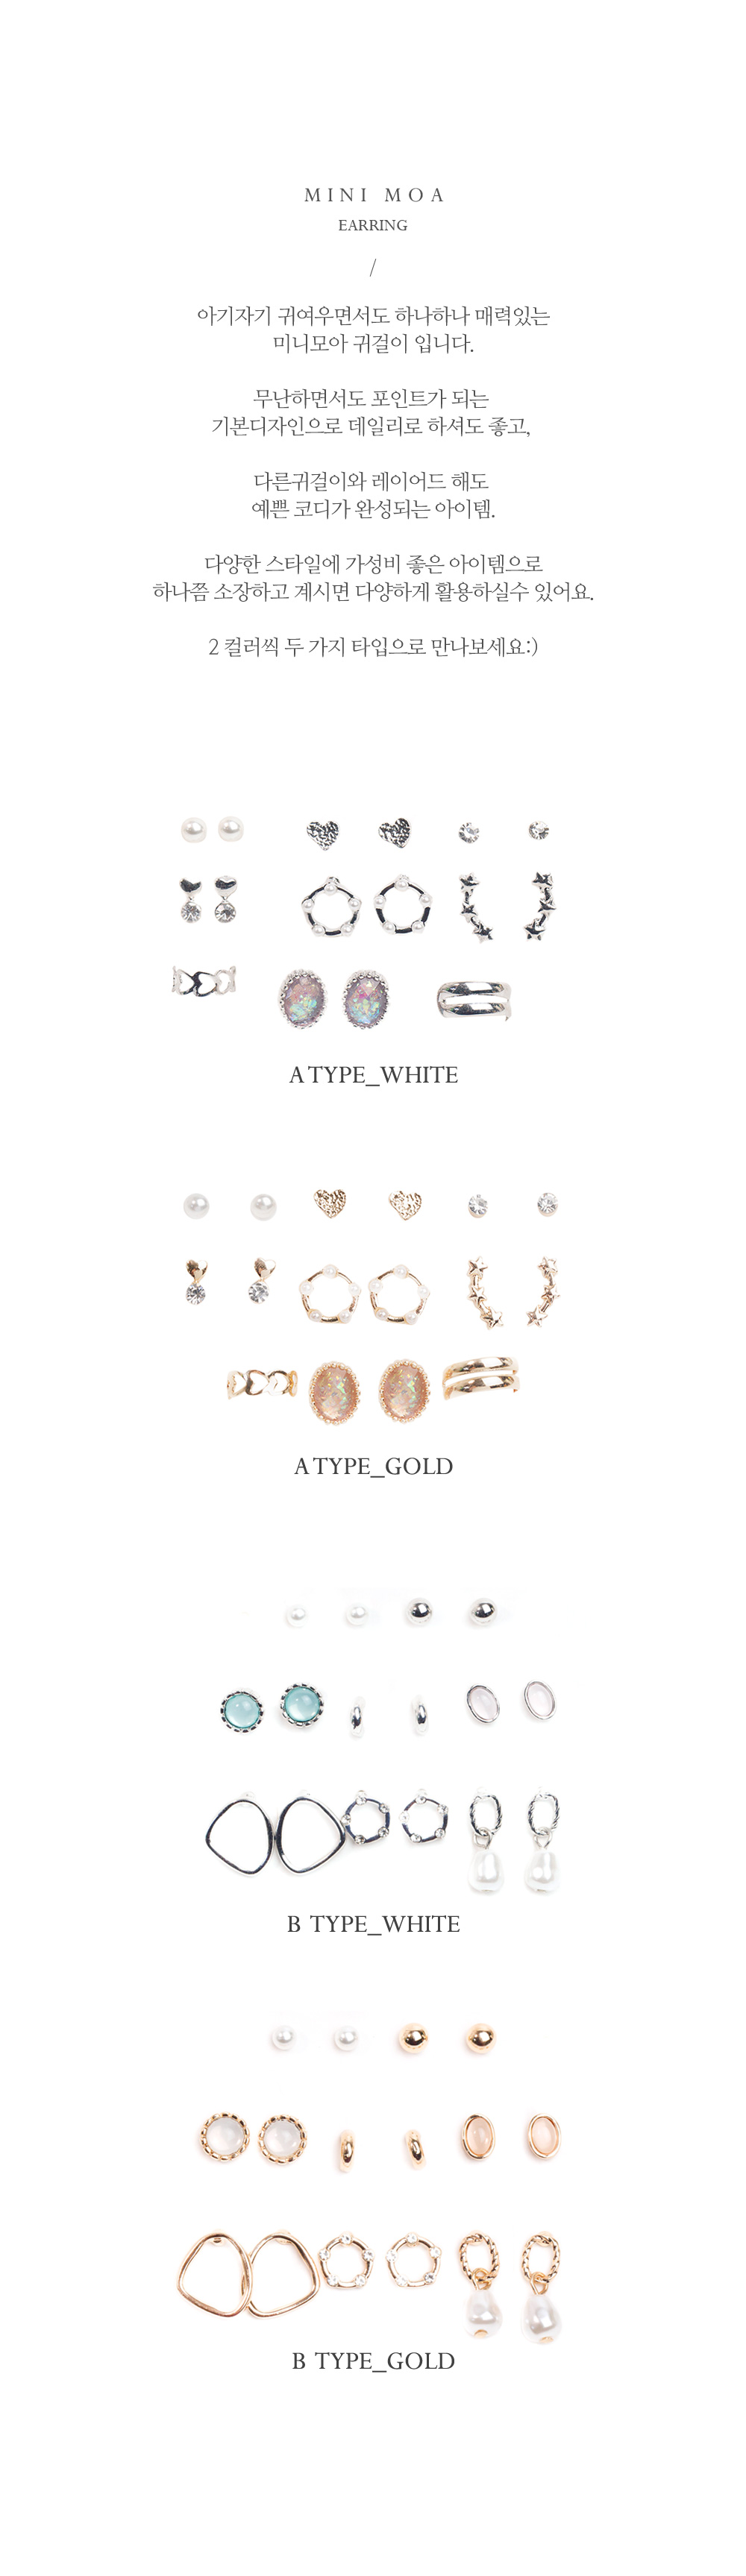 [16개 1세트] 미니 모아 귀걸이 - 폭스타일, 10,000원, 진주/원석, 드롭귀걸이